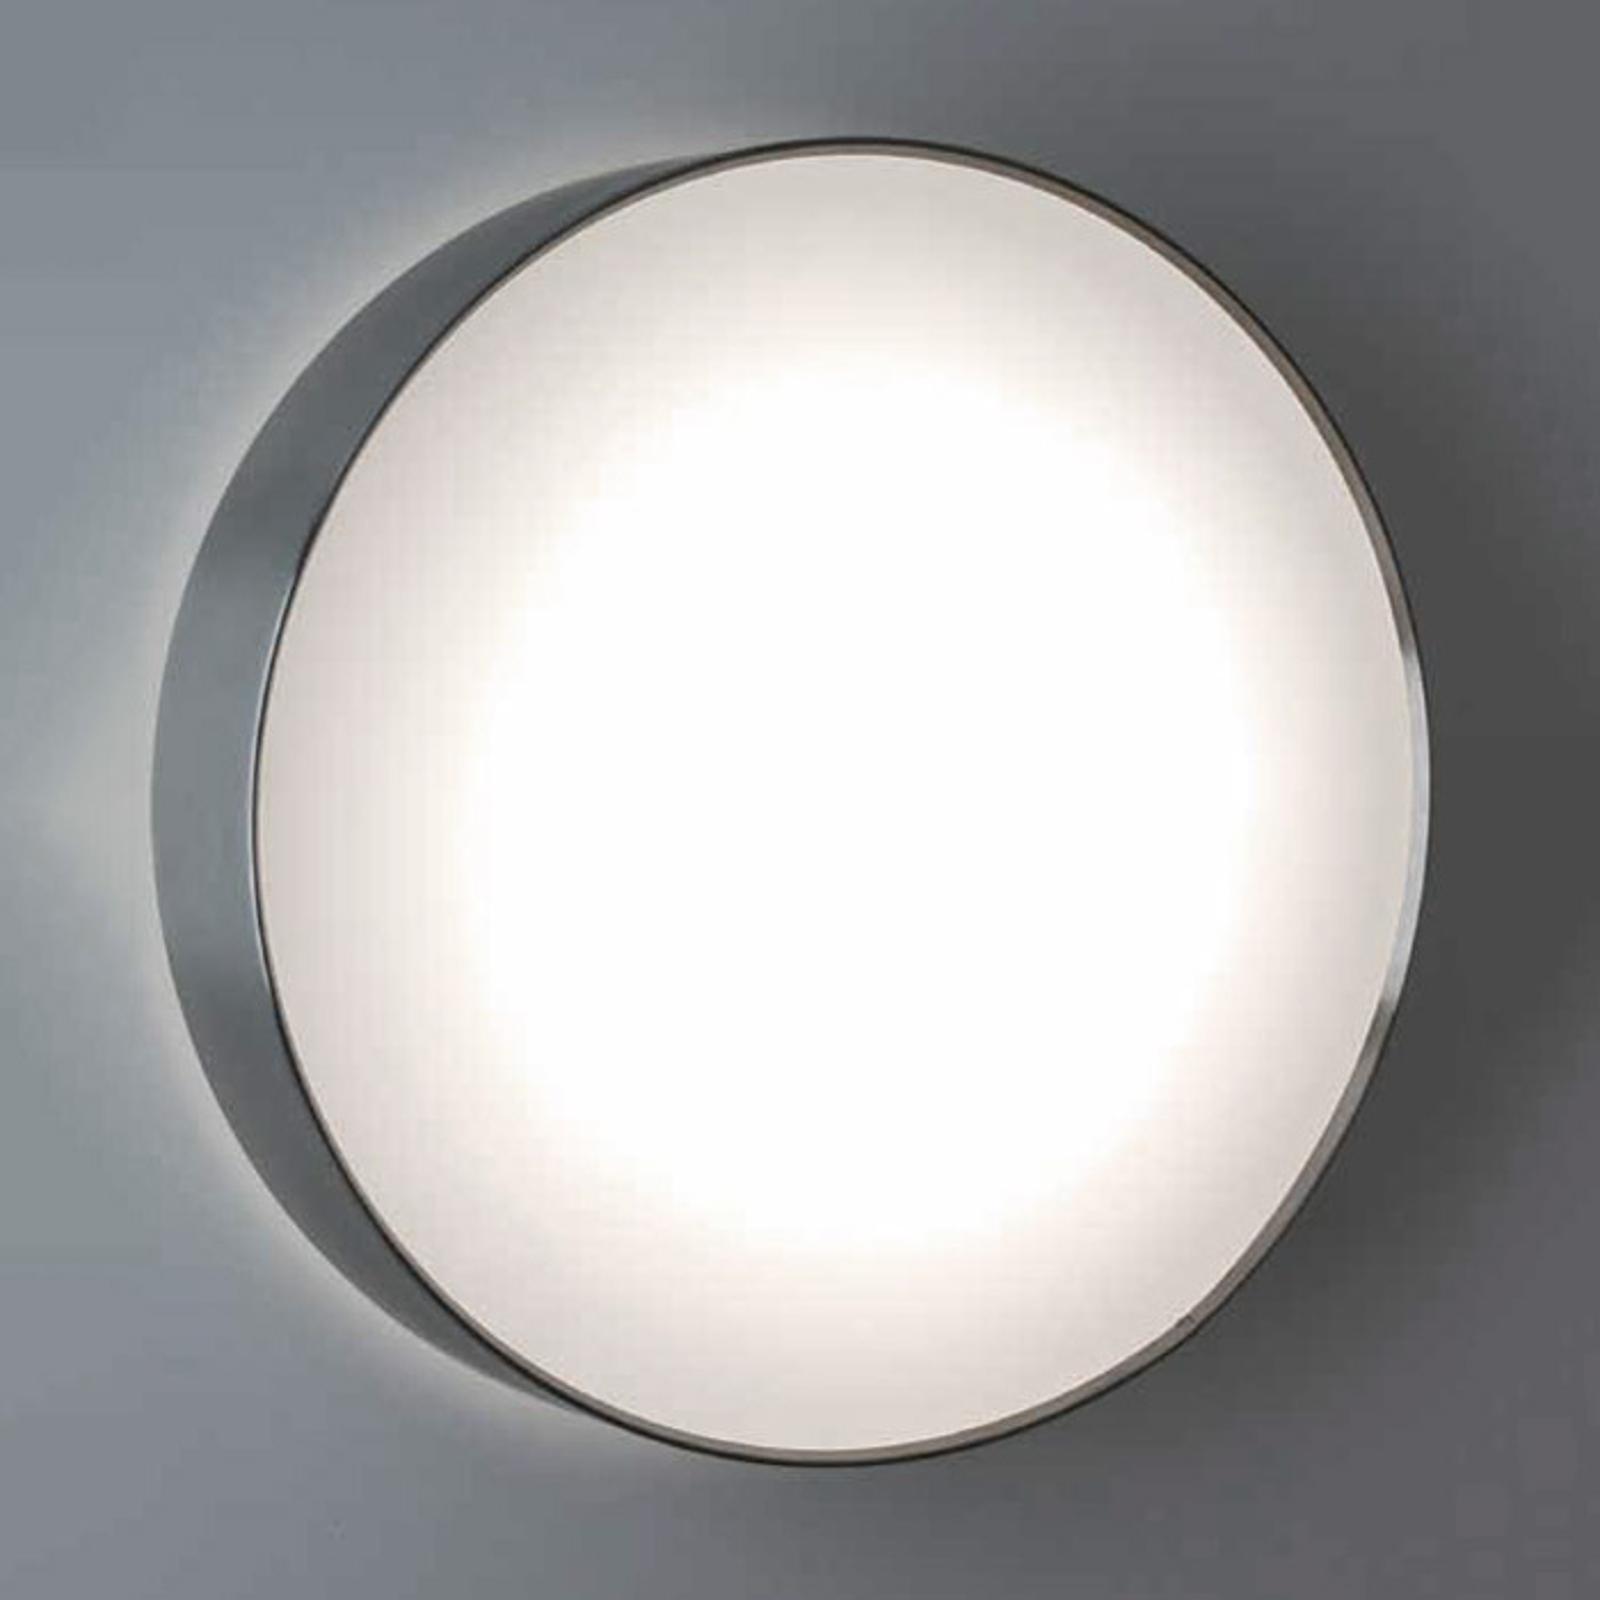 Vegglampe av rustfritt stål SUN 4 LED, 8 W 4 K